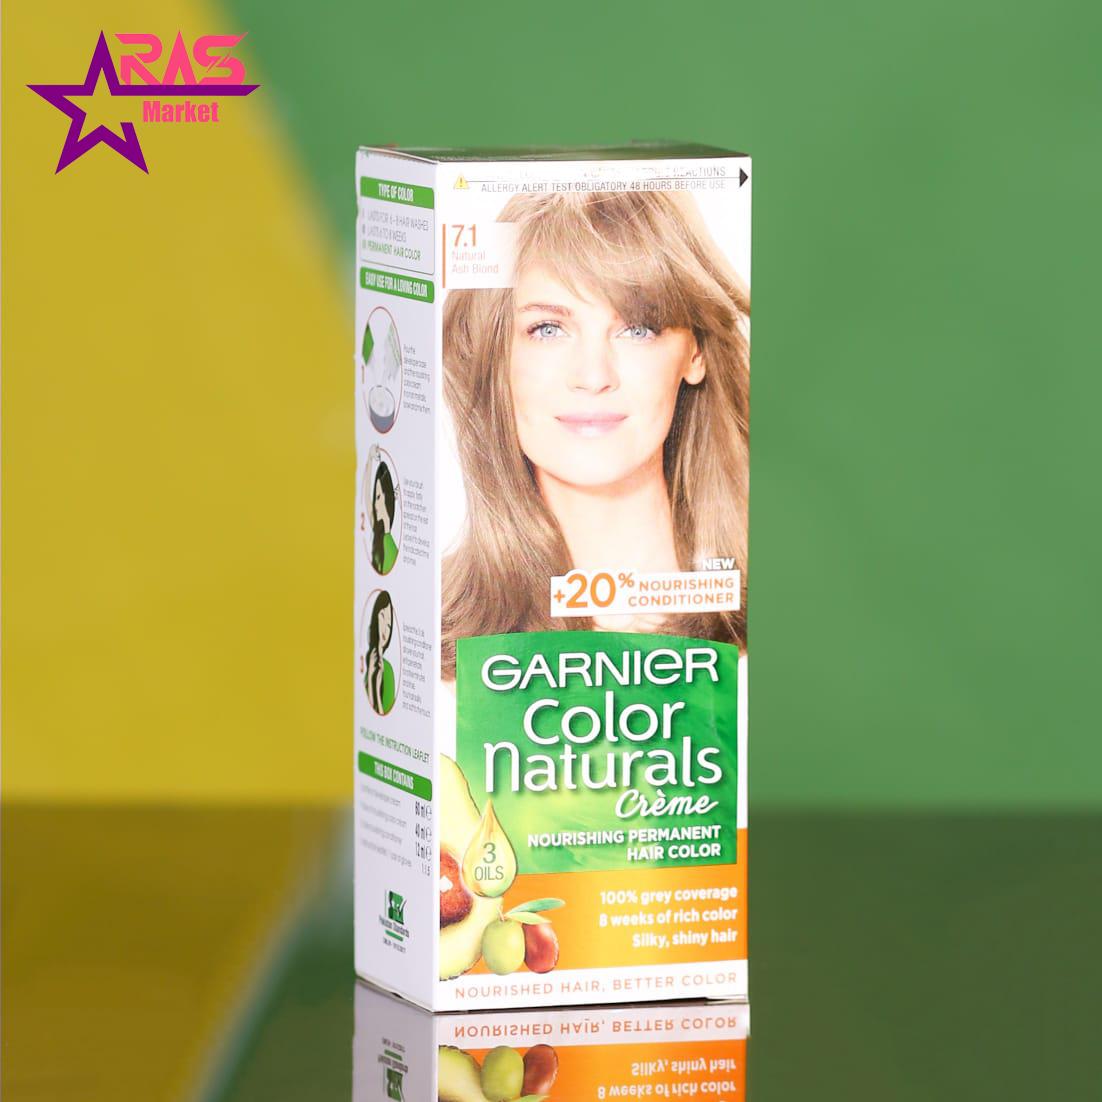 کیت رنگ مو گارنیر سری Color Naturals شماره 7.1 ، فروشگاه اینترنتی ارس مارکت ، بهداشت بانوان